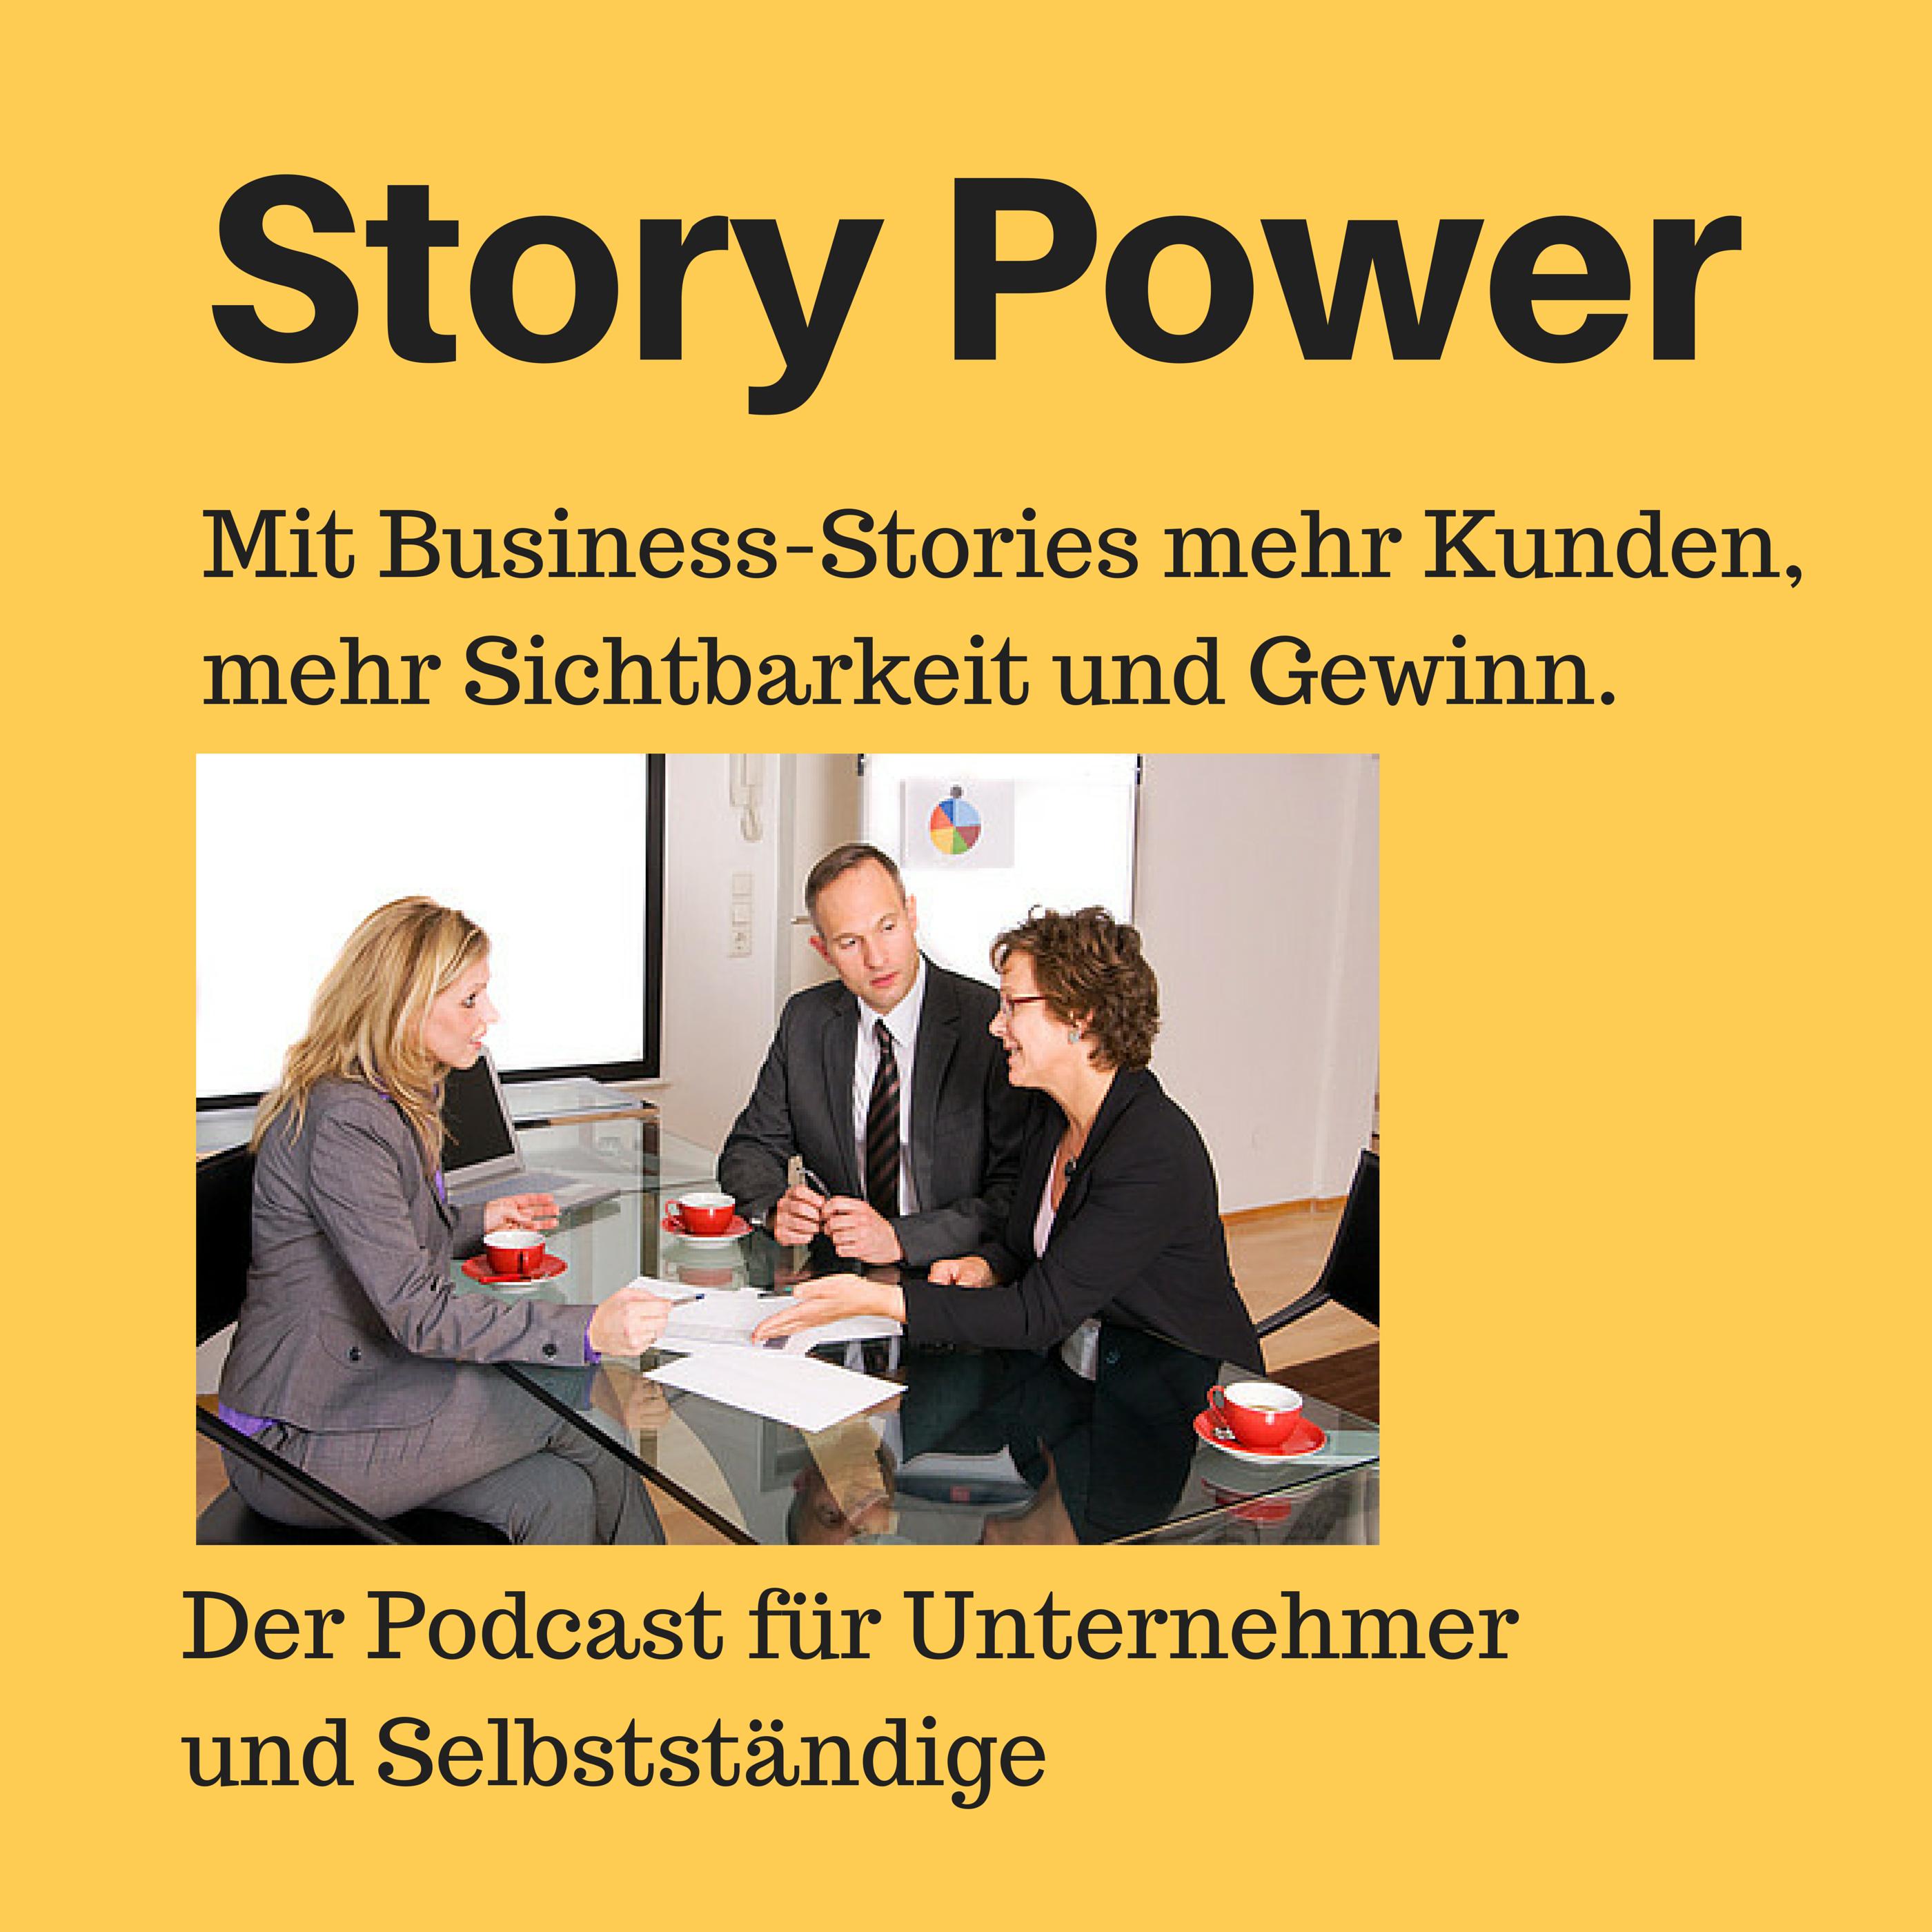 storypower